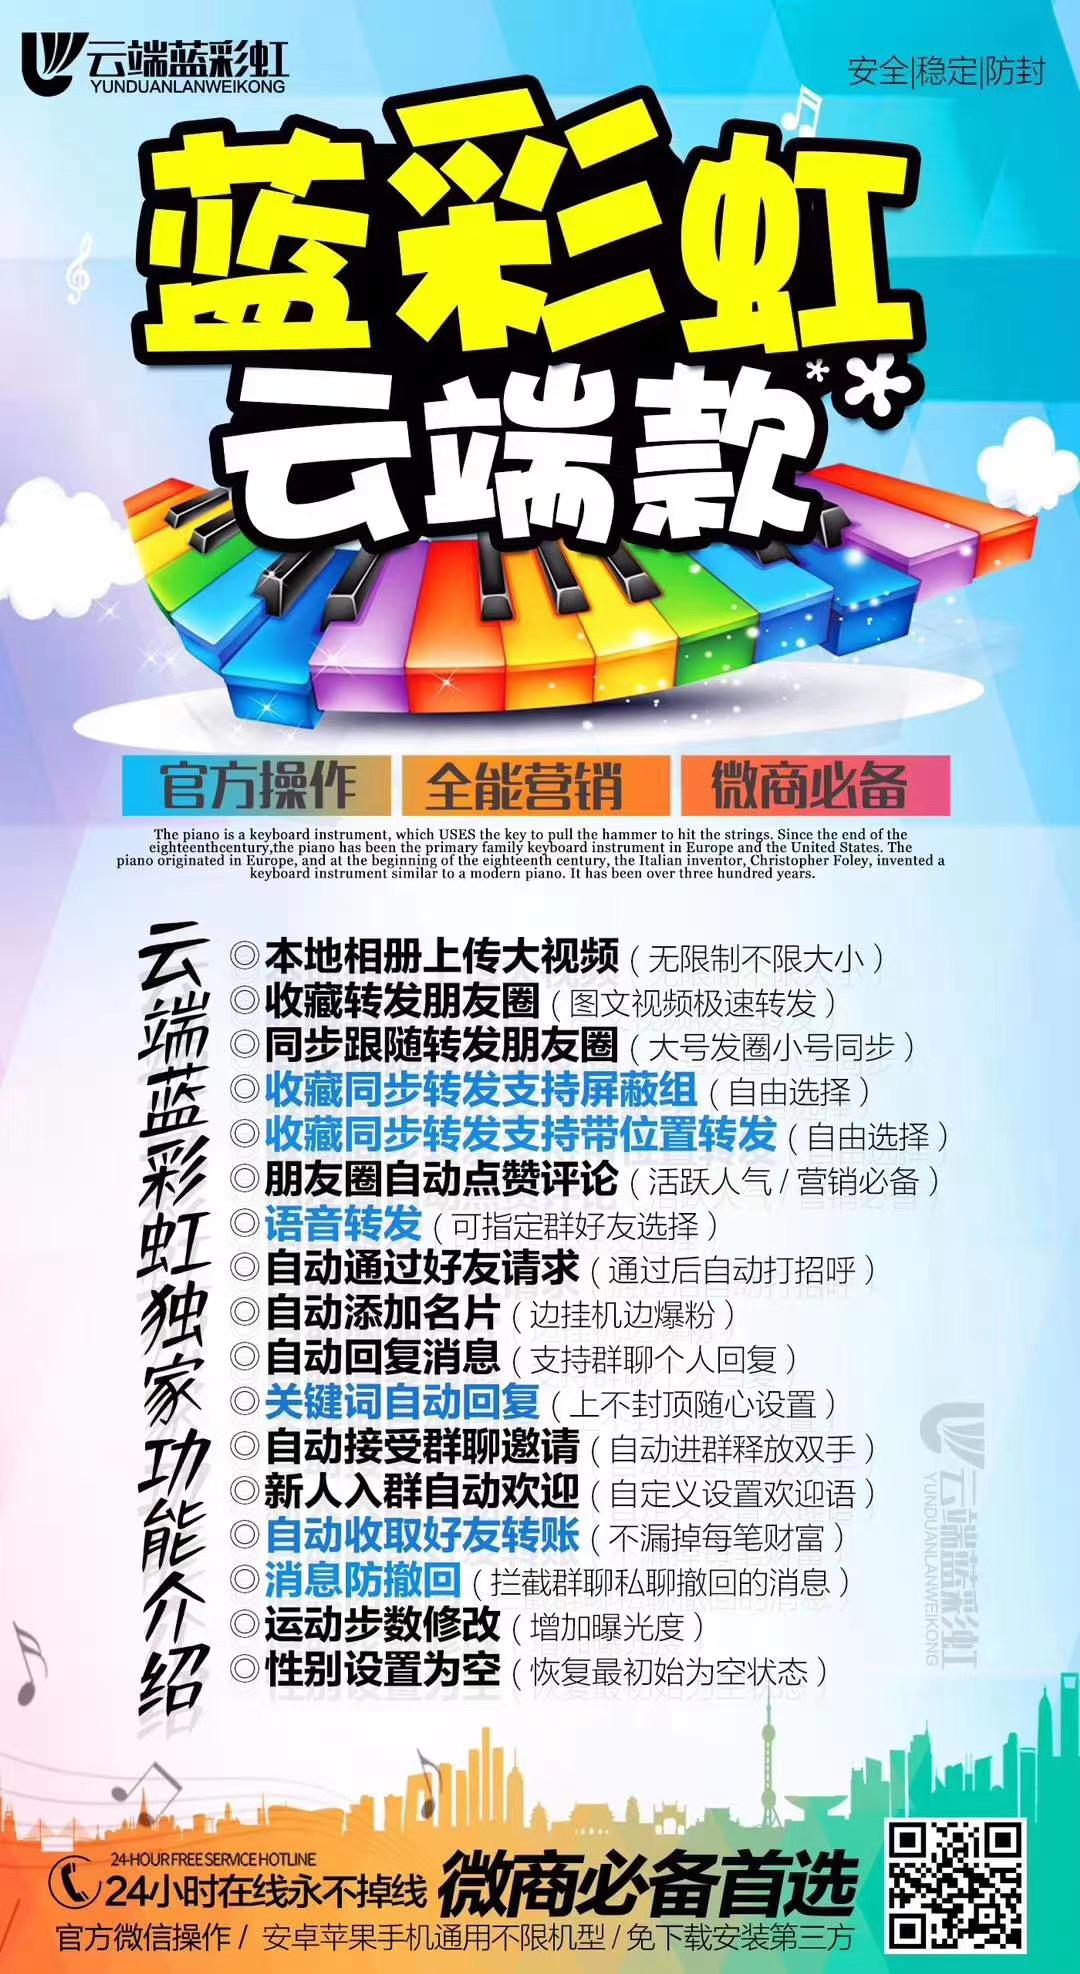 云端蓝彩虹-全新网页搭配指令操作功能